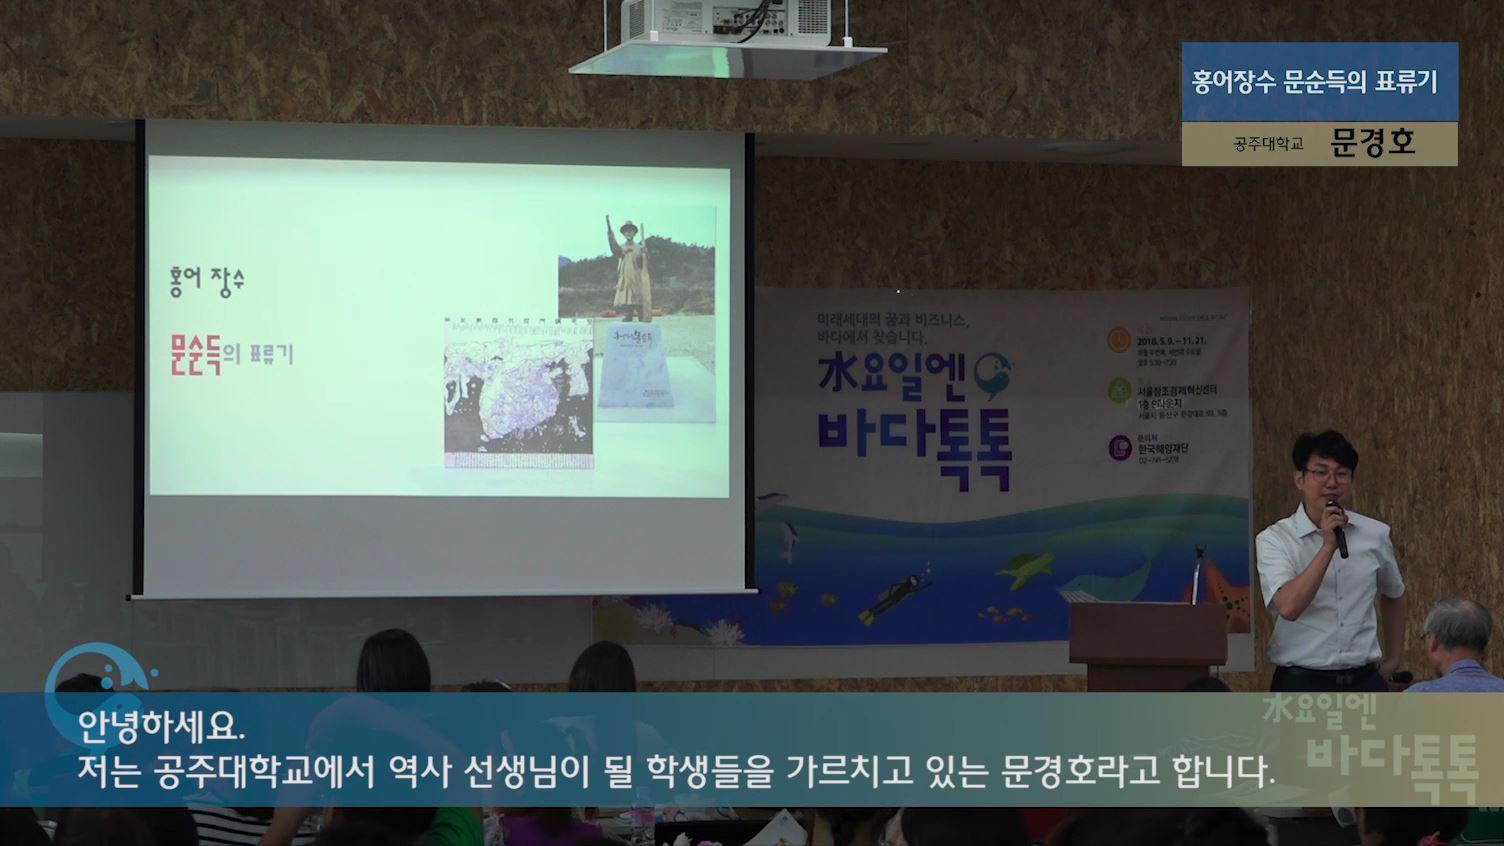 서울 8회 본강연